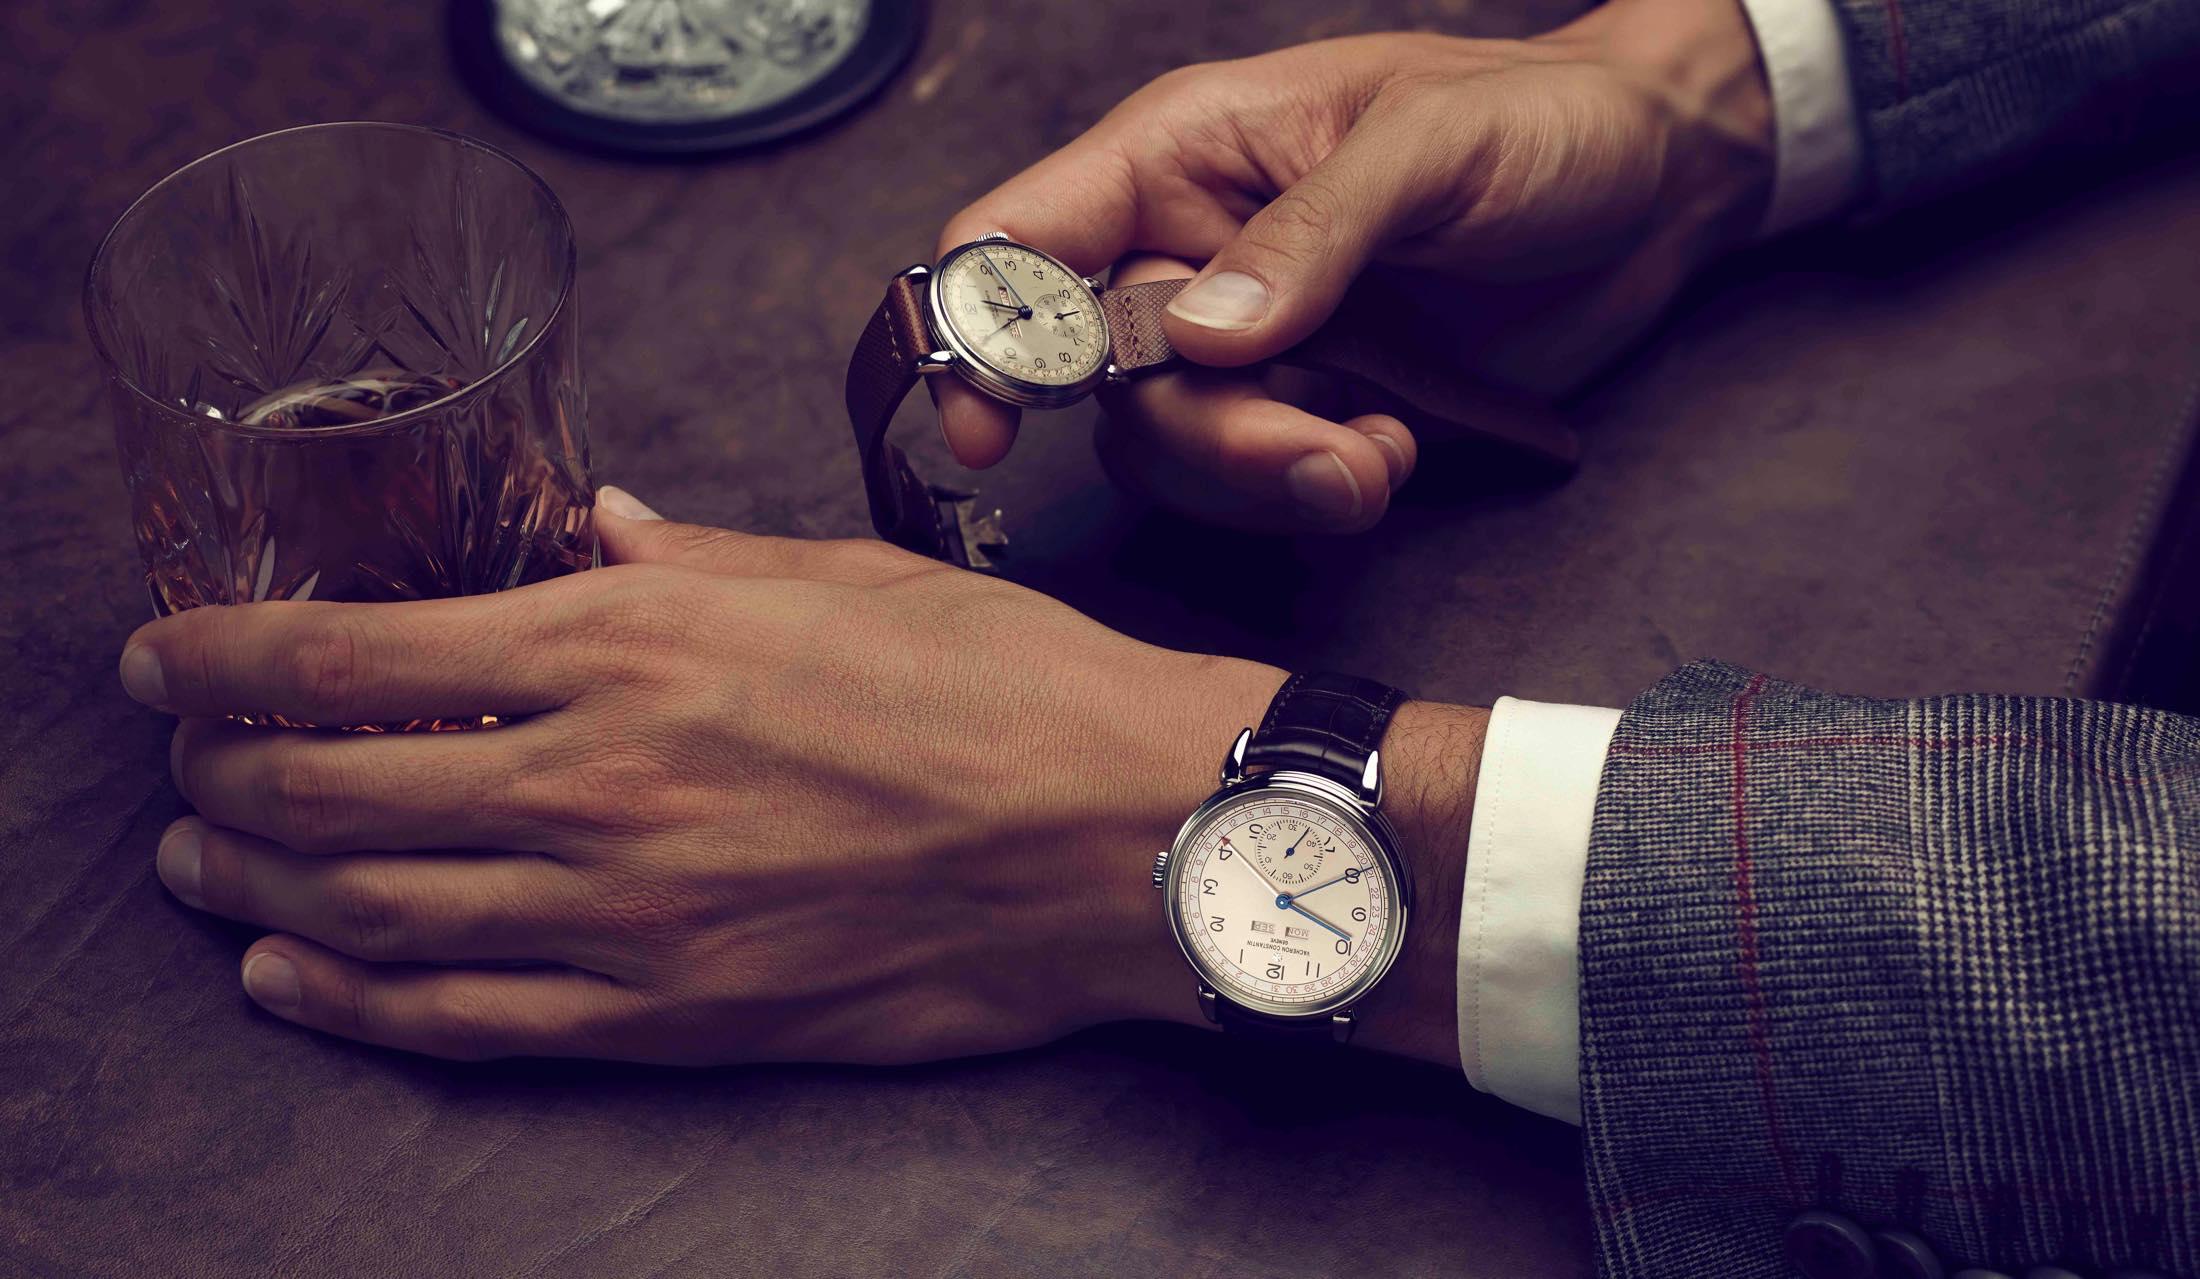 ヴァシュロン・コンスタンタンの時計「ヒストリーク・トリプルカレンダー1942」